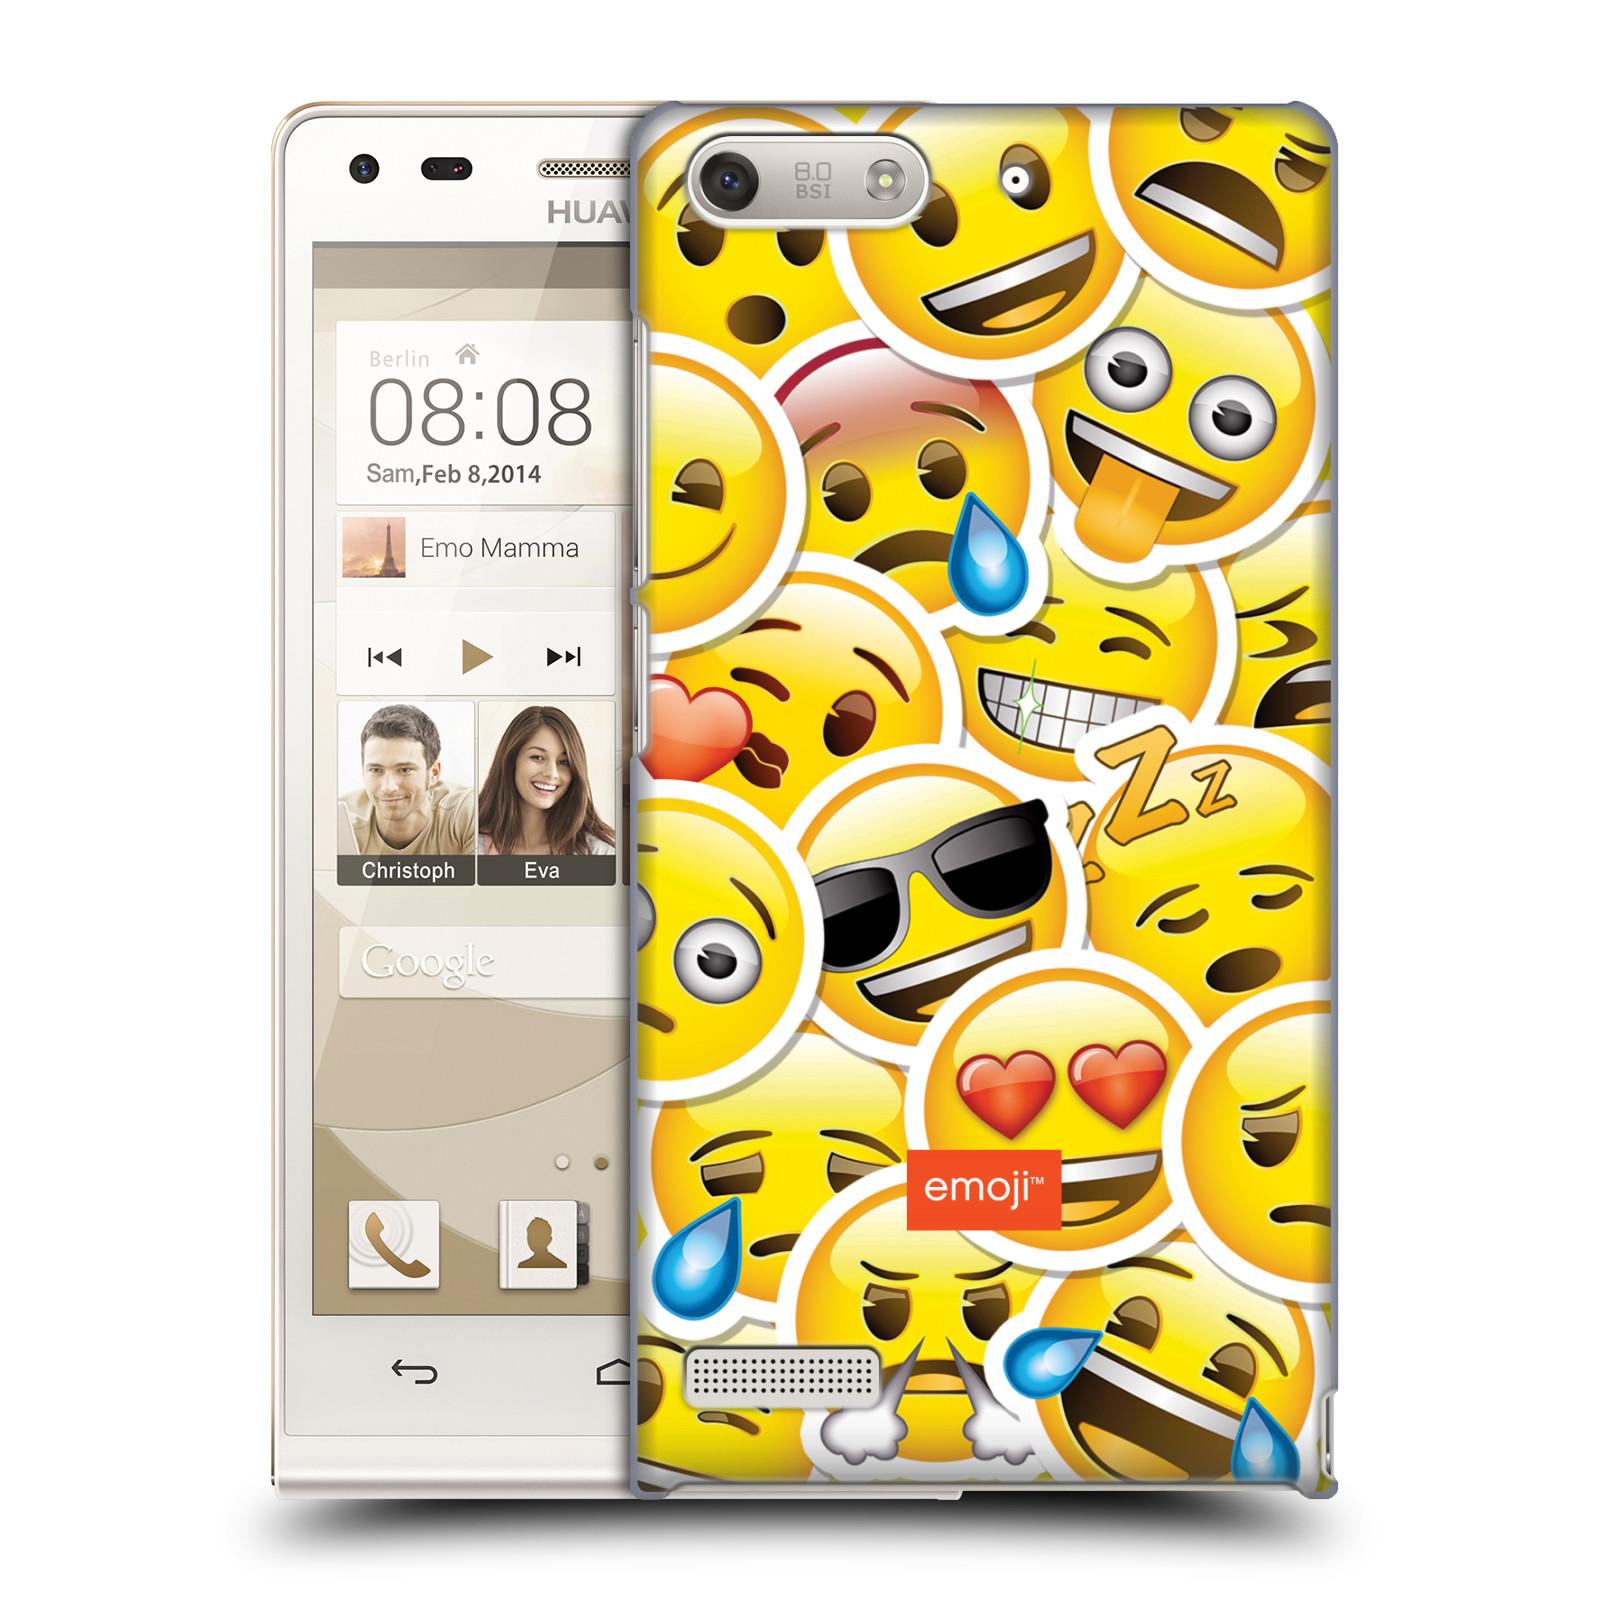 Plastové pouzdro na mobil Huawei Ascend G6 HEAD CASE EMOJI - Velcí smajlíci ZZ (Kryt či obal s oficiálním motivem EMOJI na mobilní telefon Huawei Ascend G6 bez LTE)